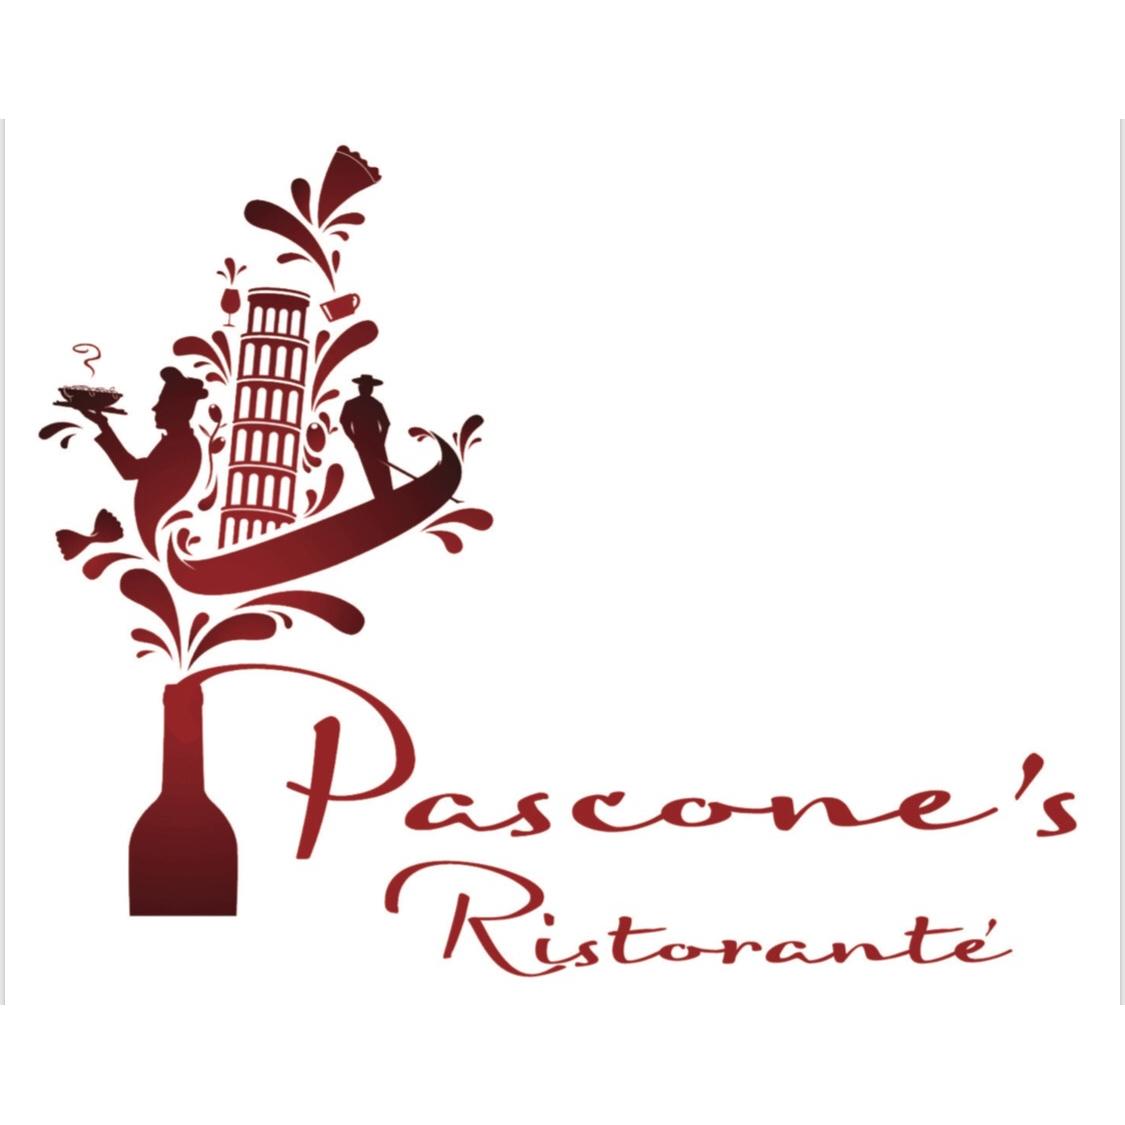 Pascone's Ristorante'